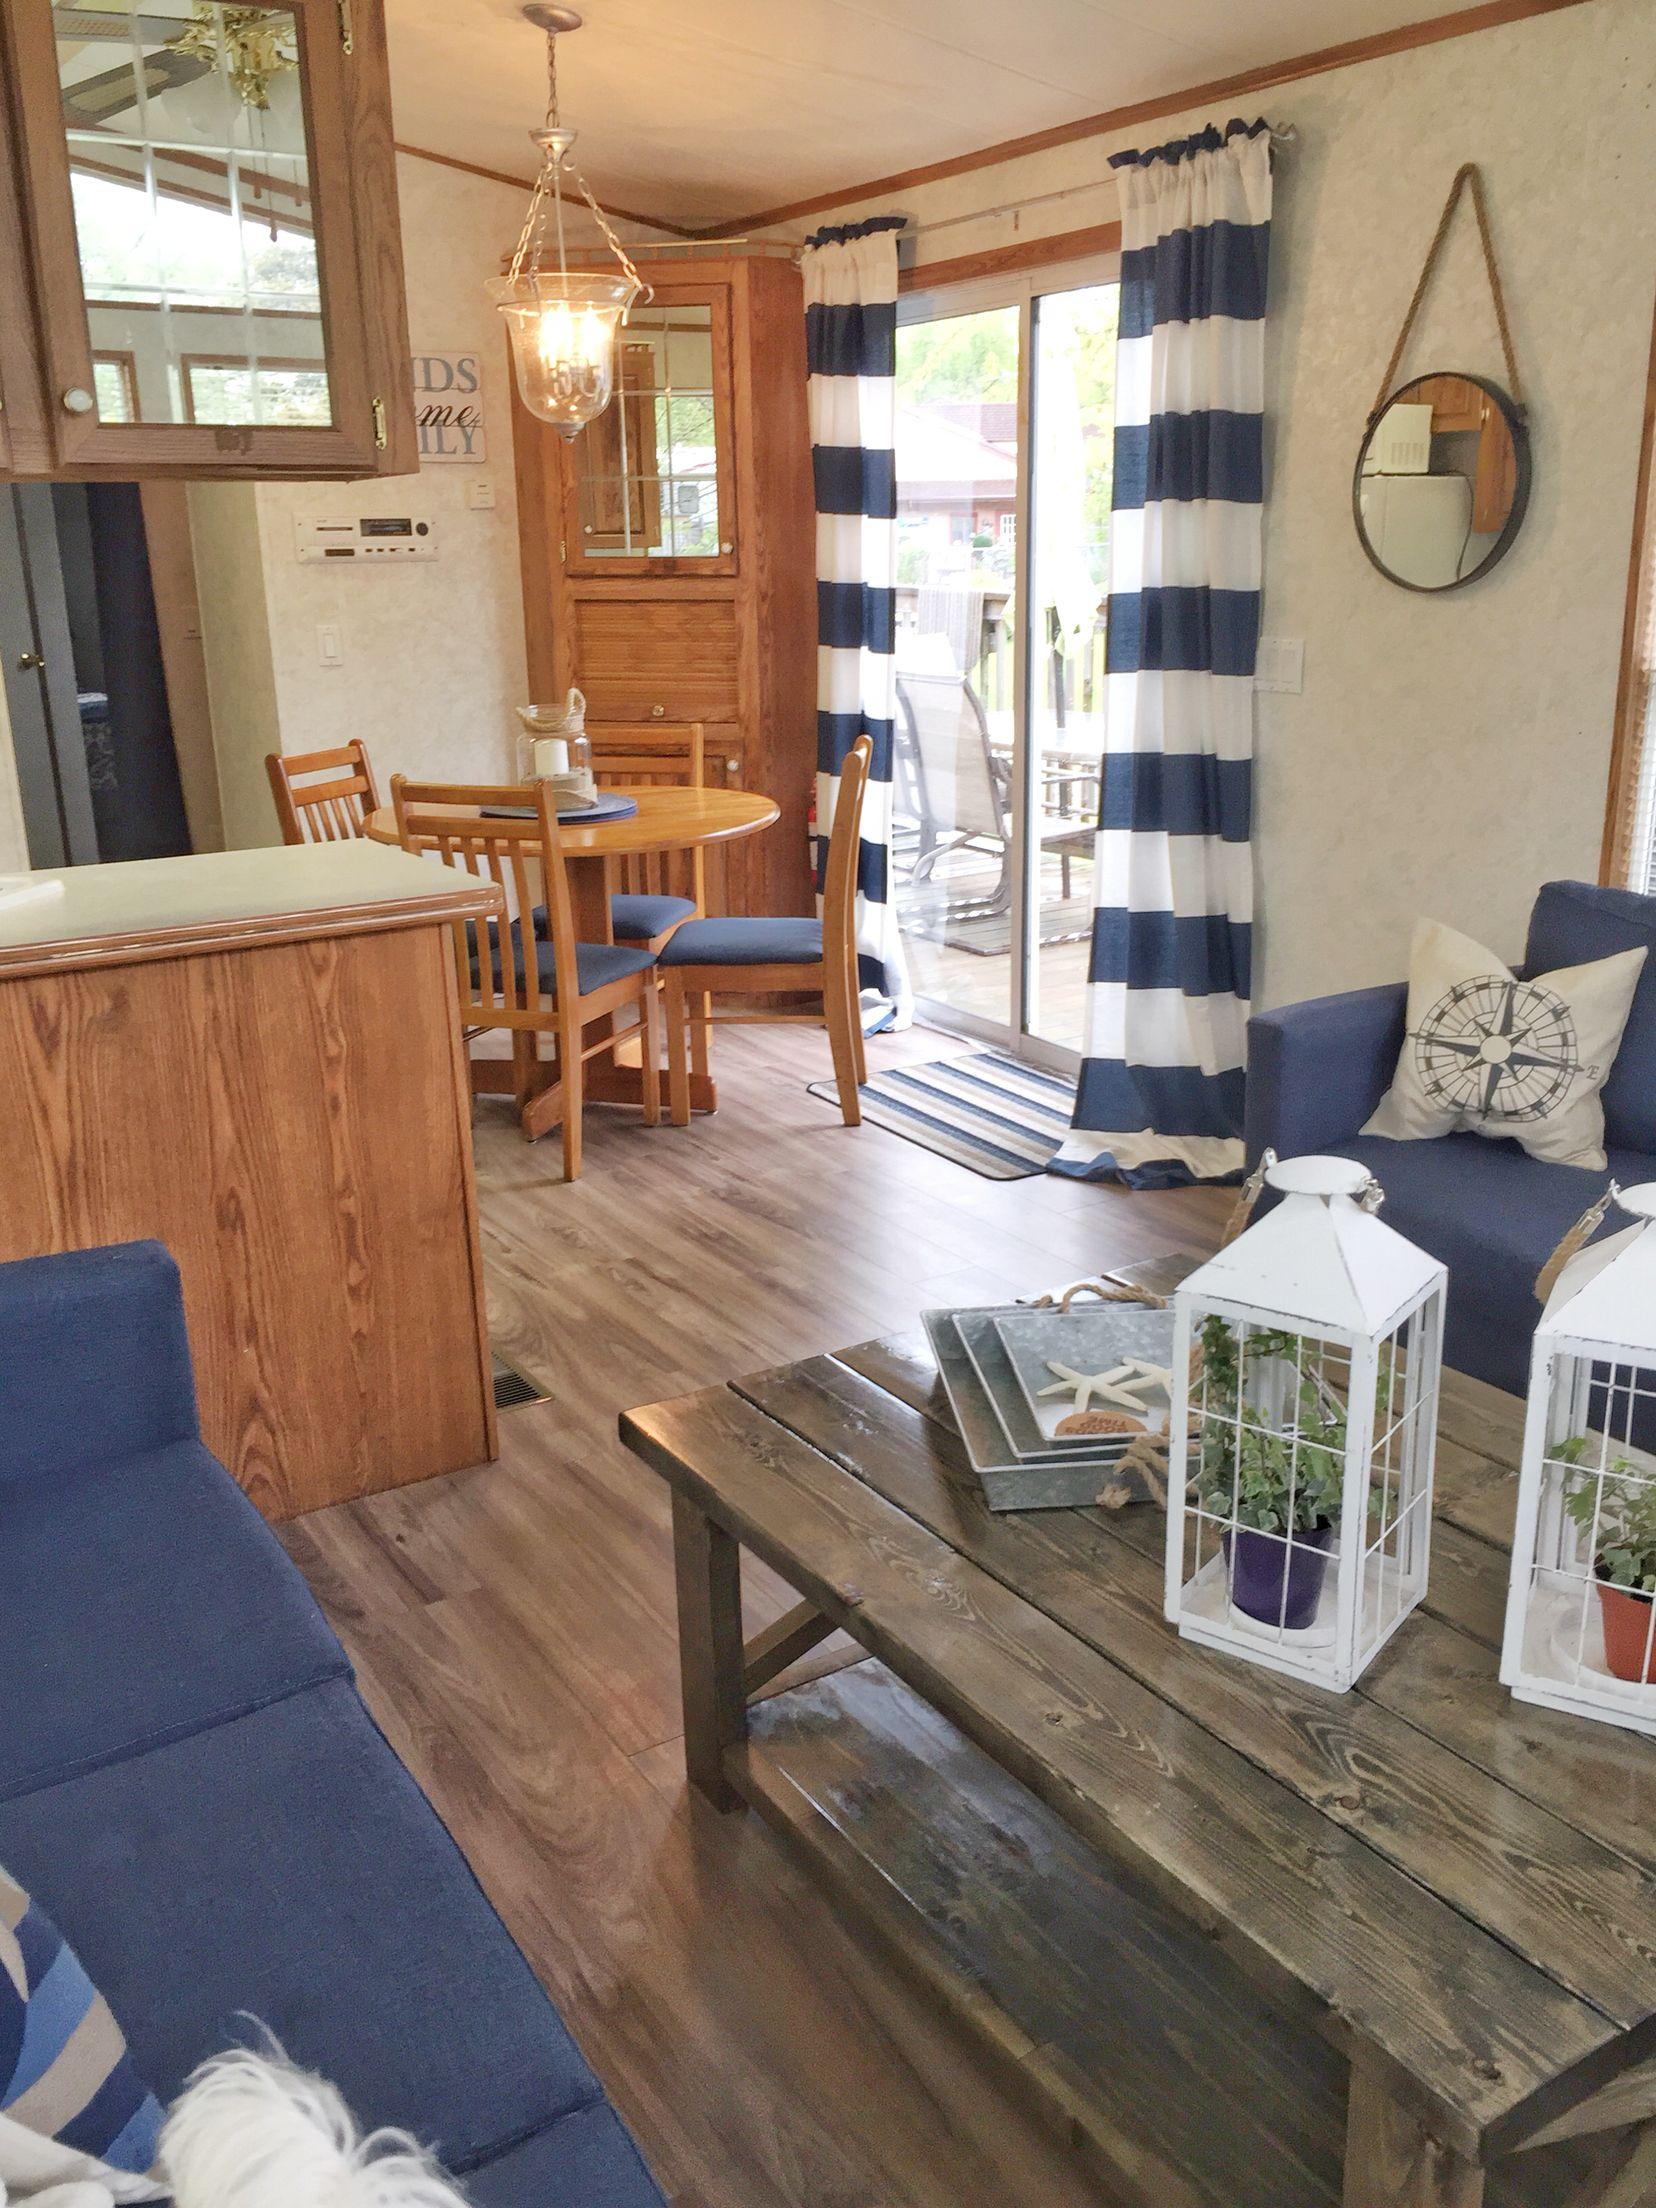 Ana white furniture diy northland cottager remodel trailer remodel